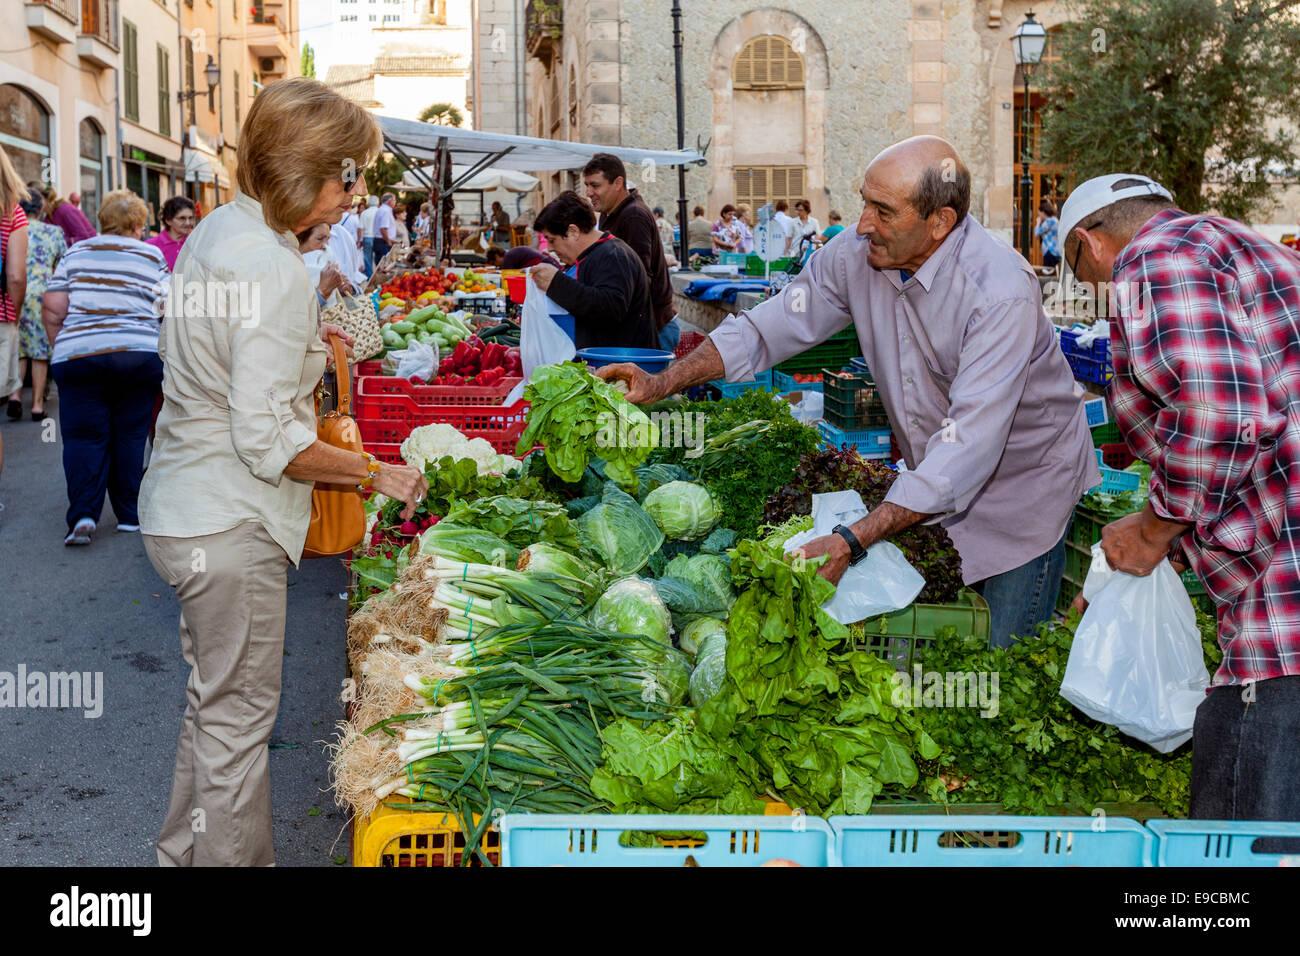 Les femmes d'acheter des légumes au marché du jeudi à Inca, Majorque - Espagne Photo Stock